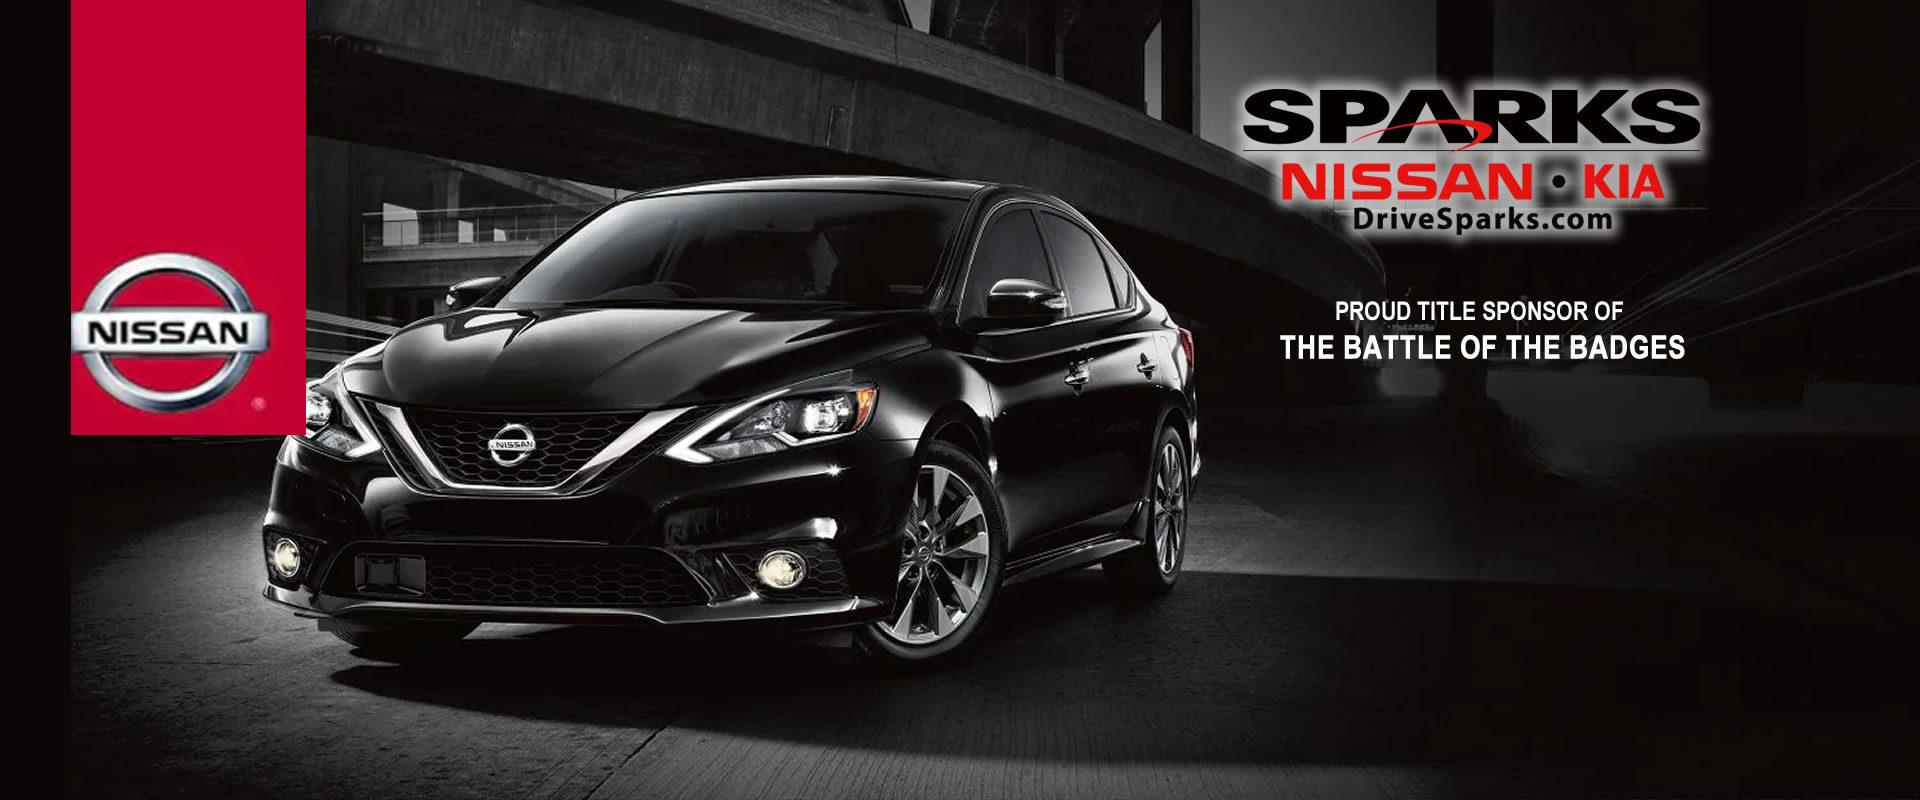 Nissan Sparks Title Sponsor